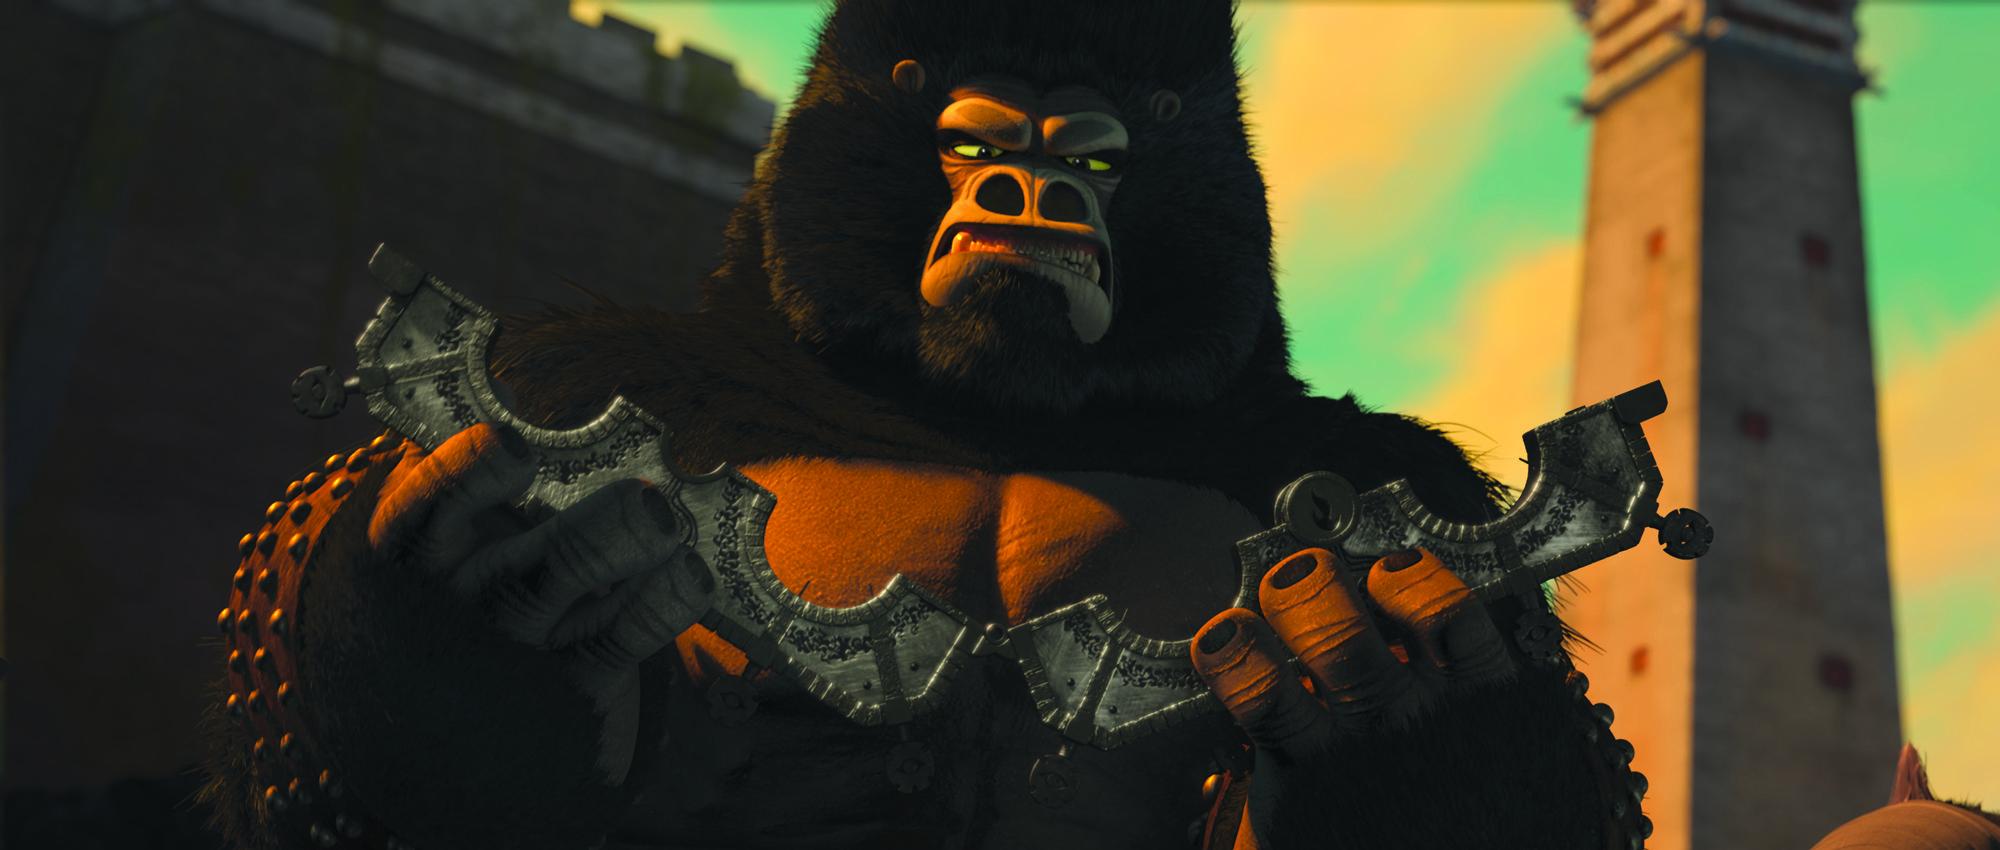 GorillaCuffs.jpg